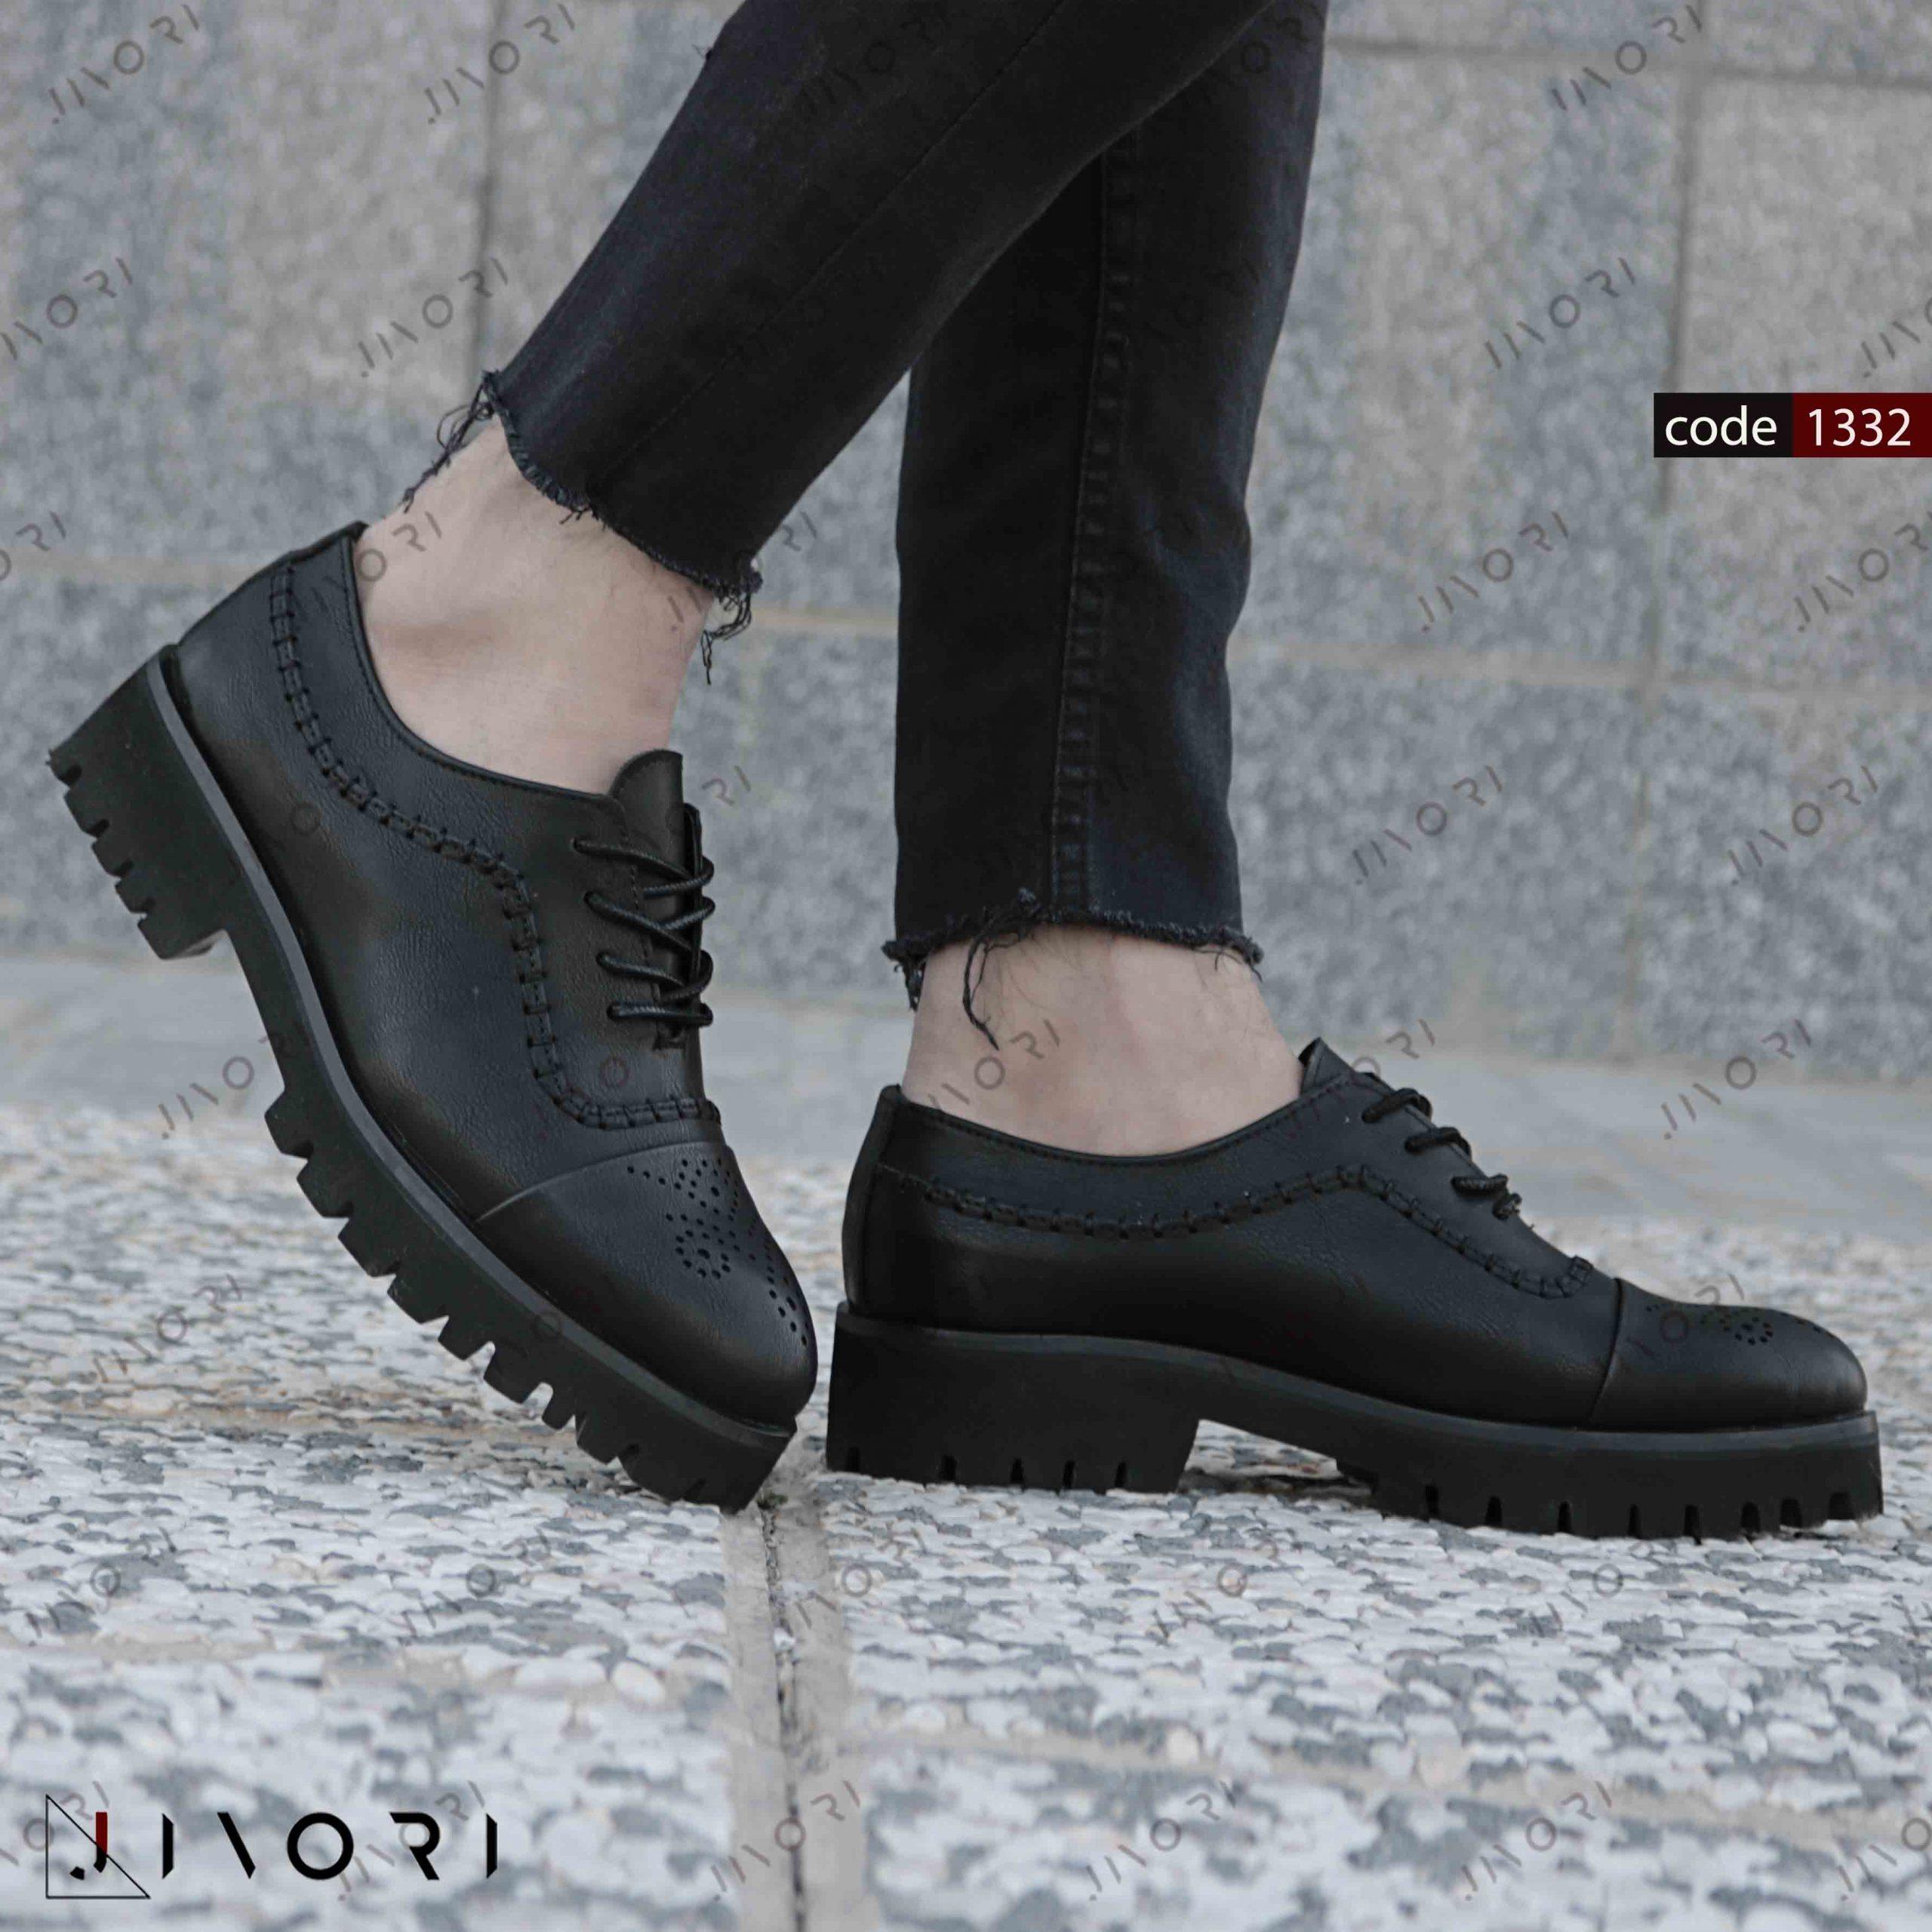 کفش گابانی ششترک (1332)